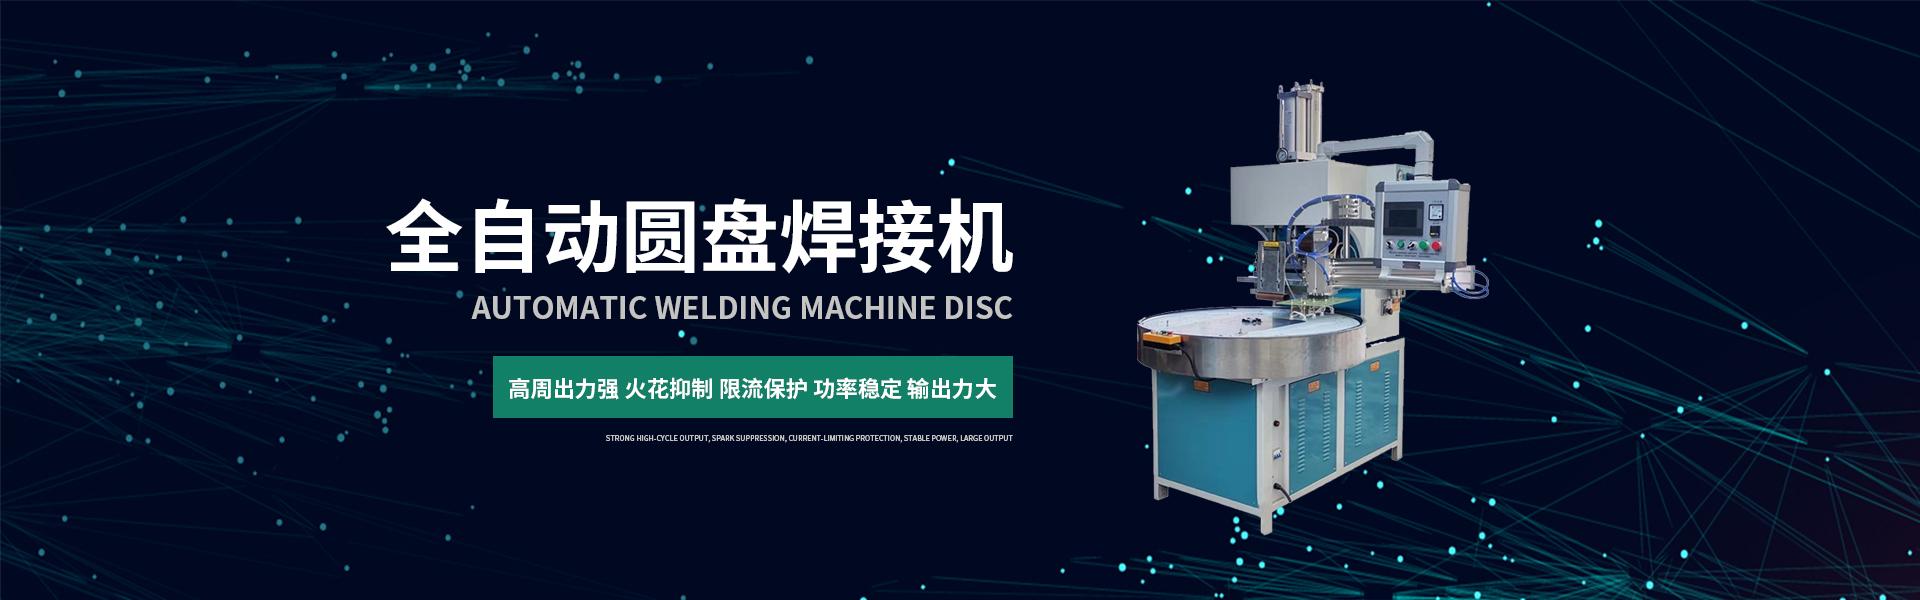 高周波焊接机,自动高频焊接机